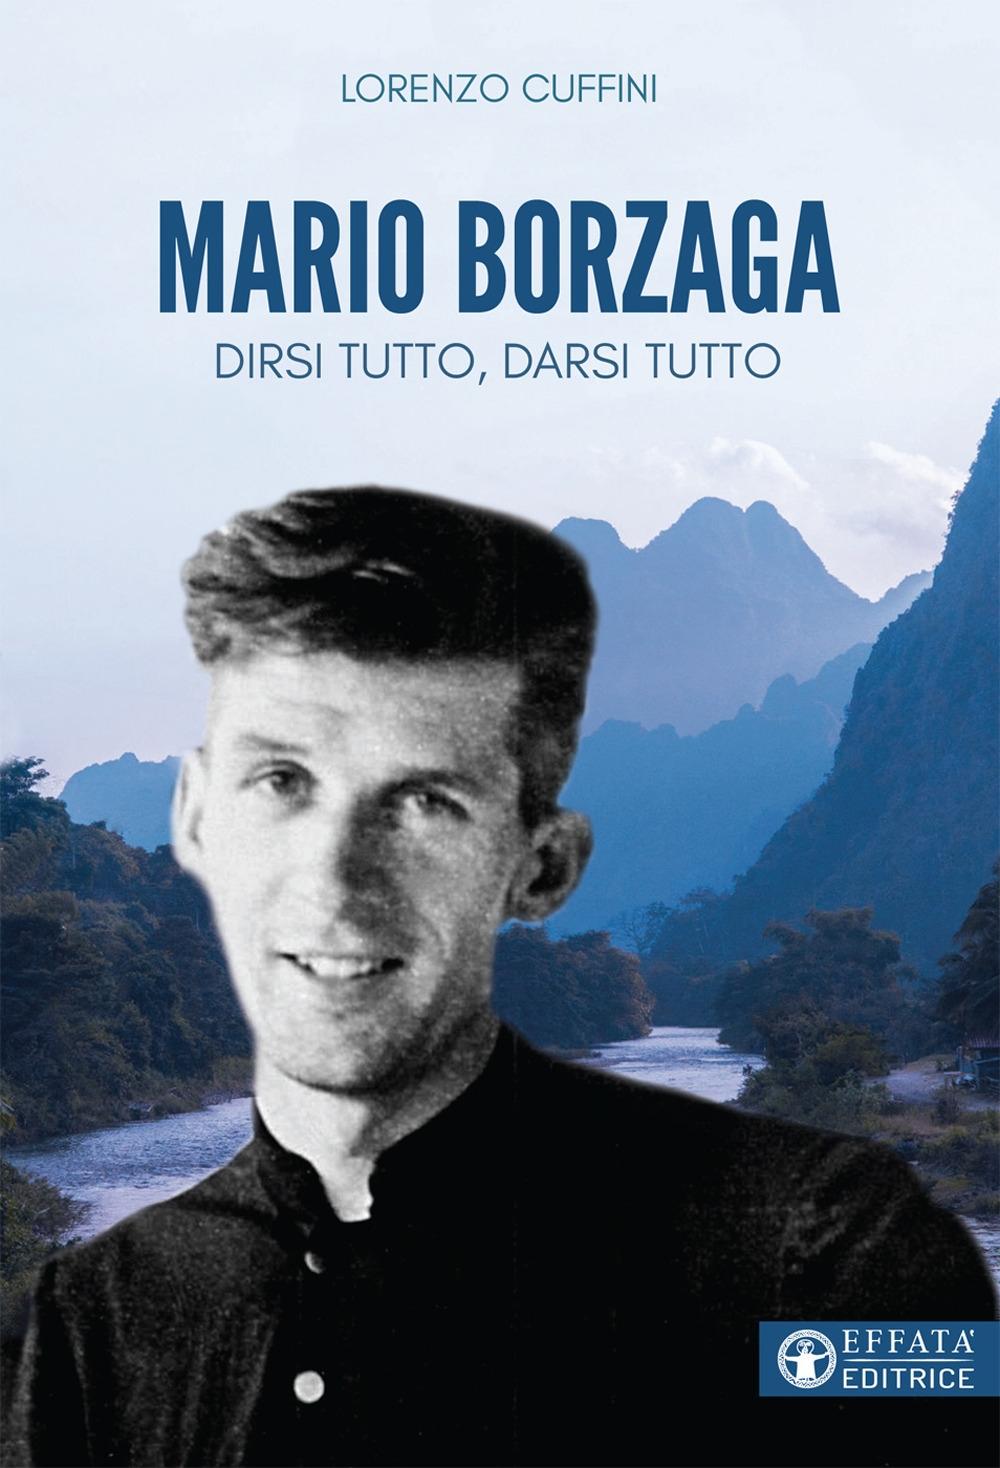 Mario Borzaga. Dirsi tutto, darsi tutto